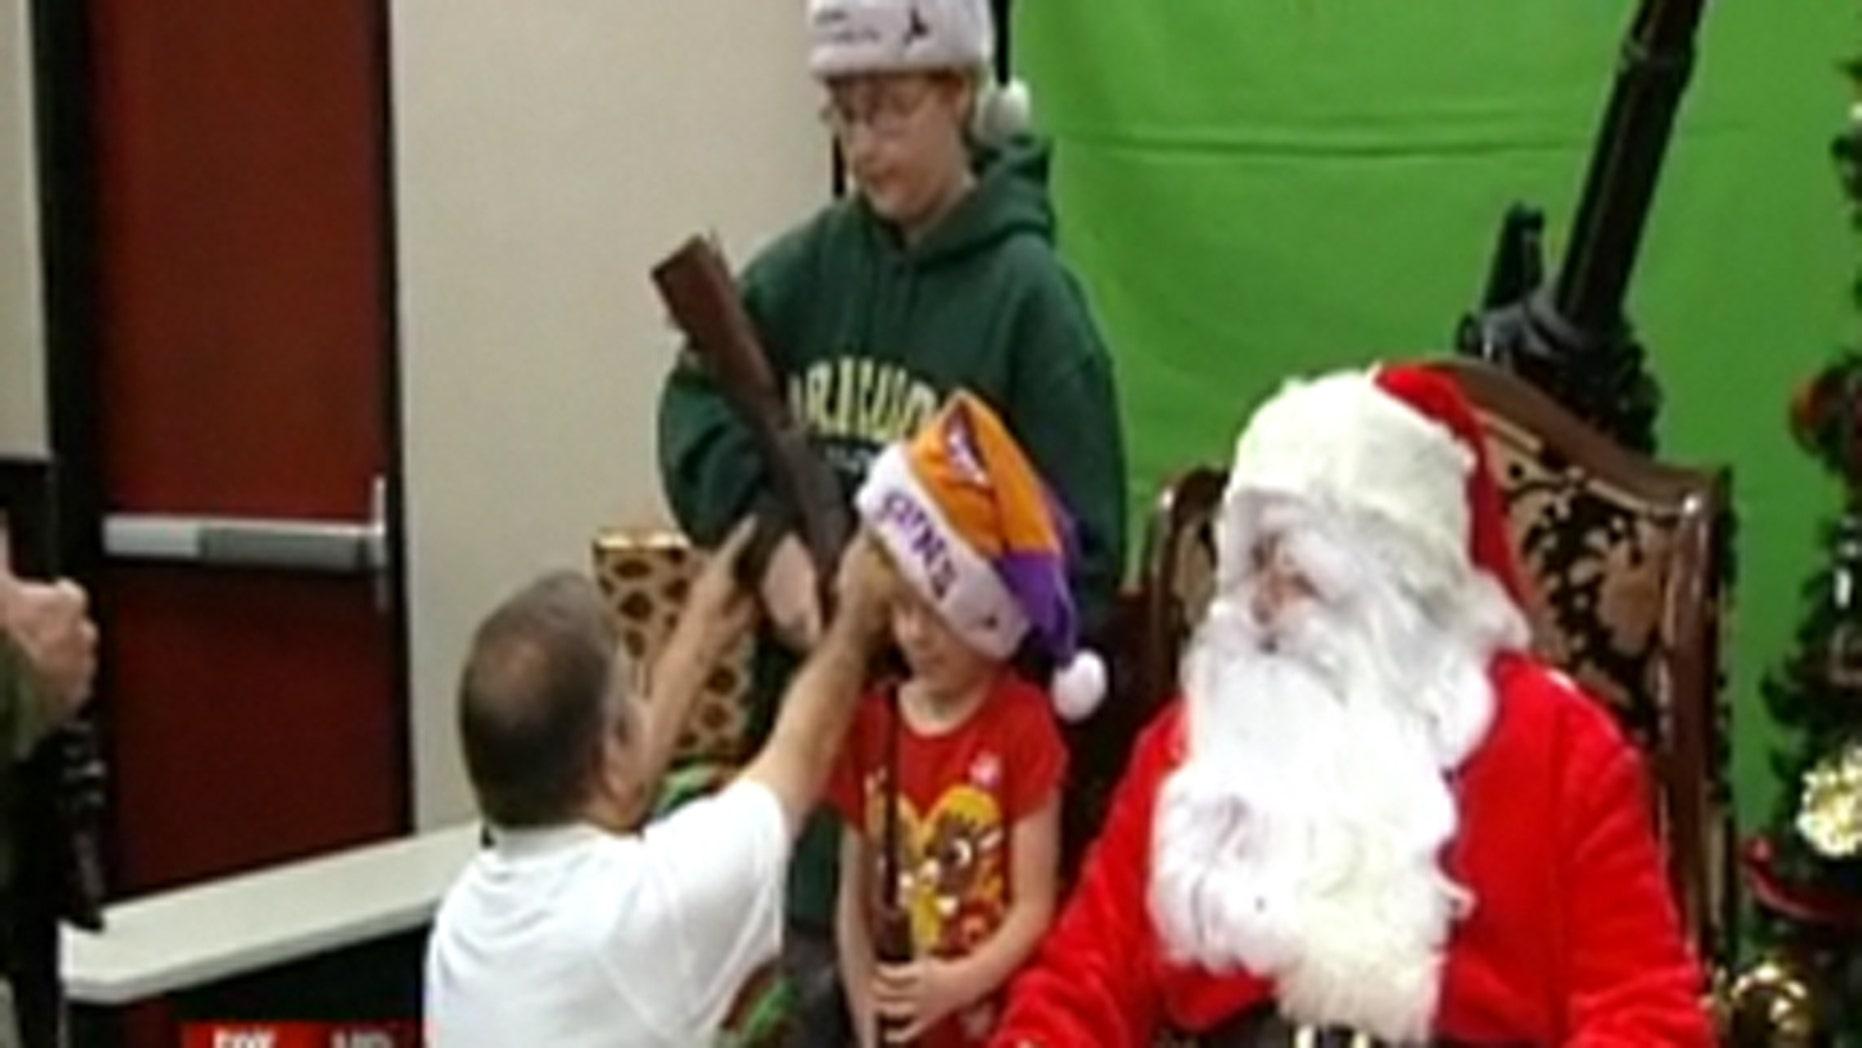 November 26, 2011: Children pose with Santa and guns at an Arizona gun club.